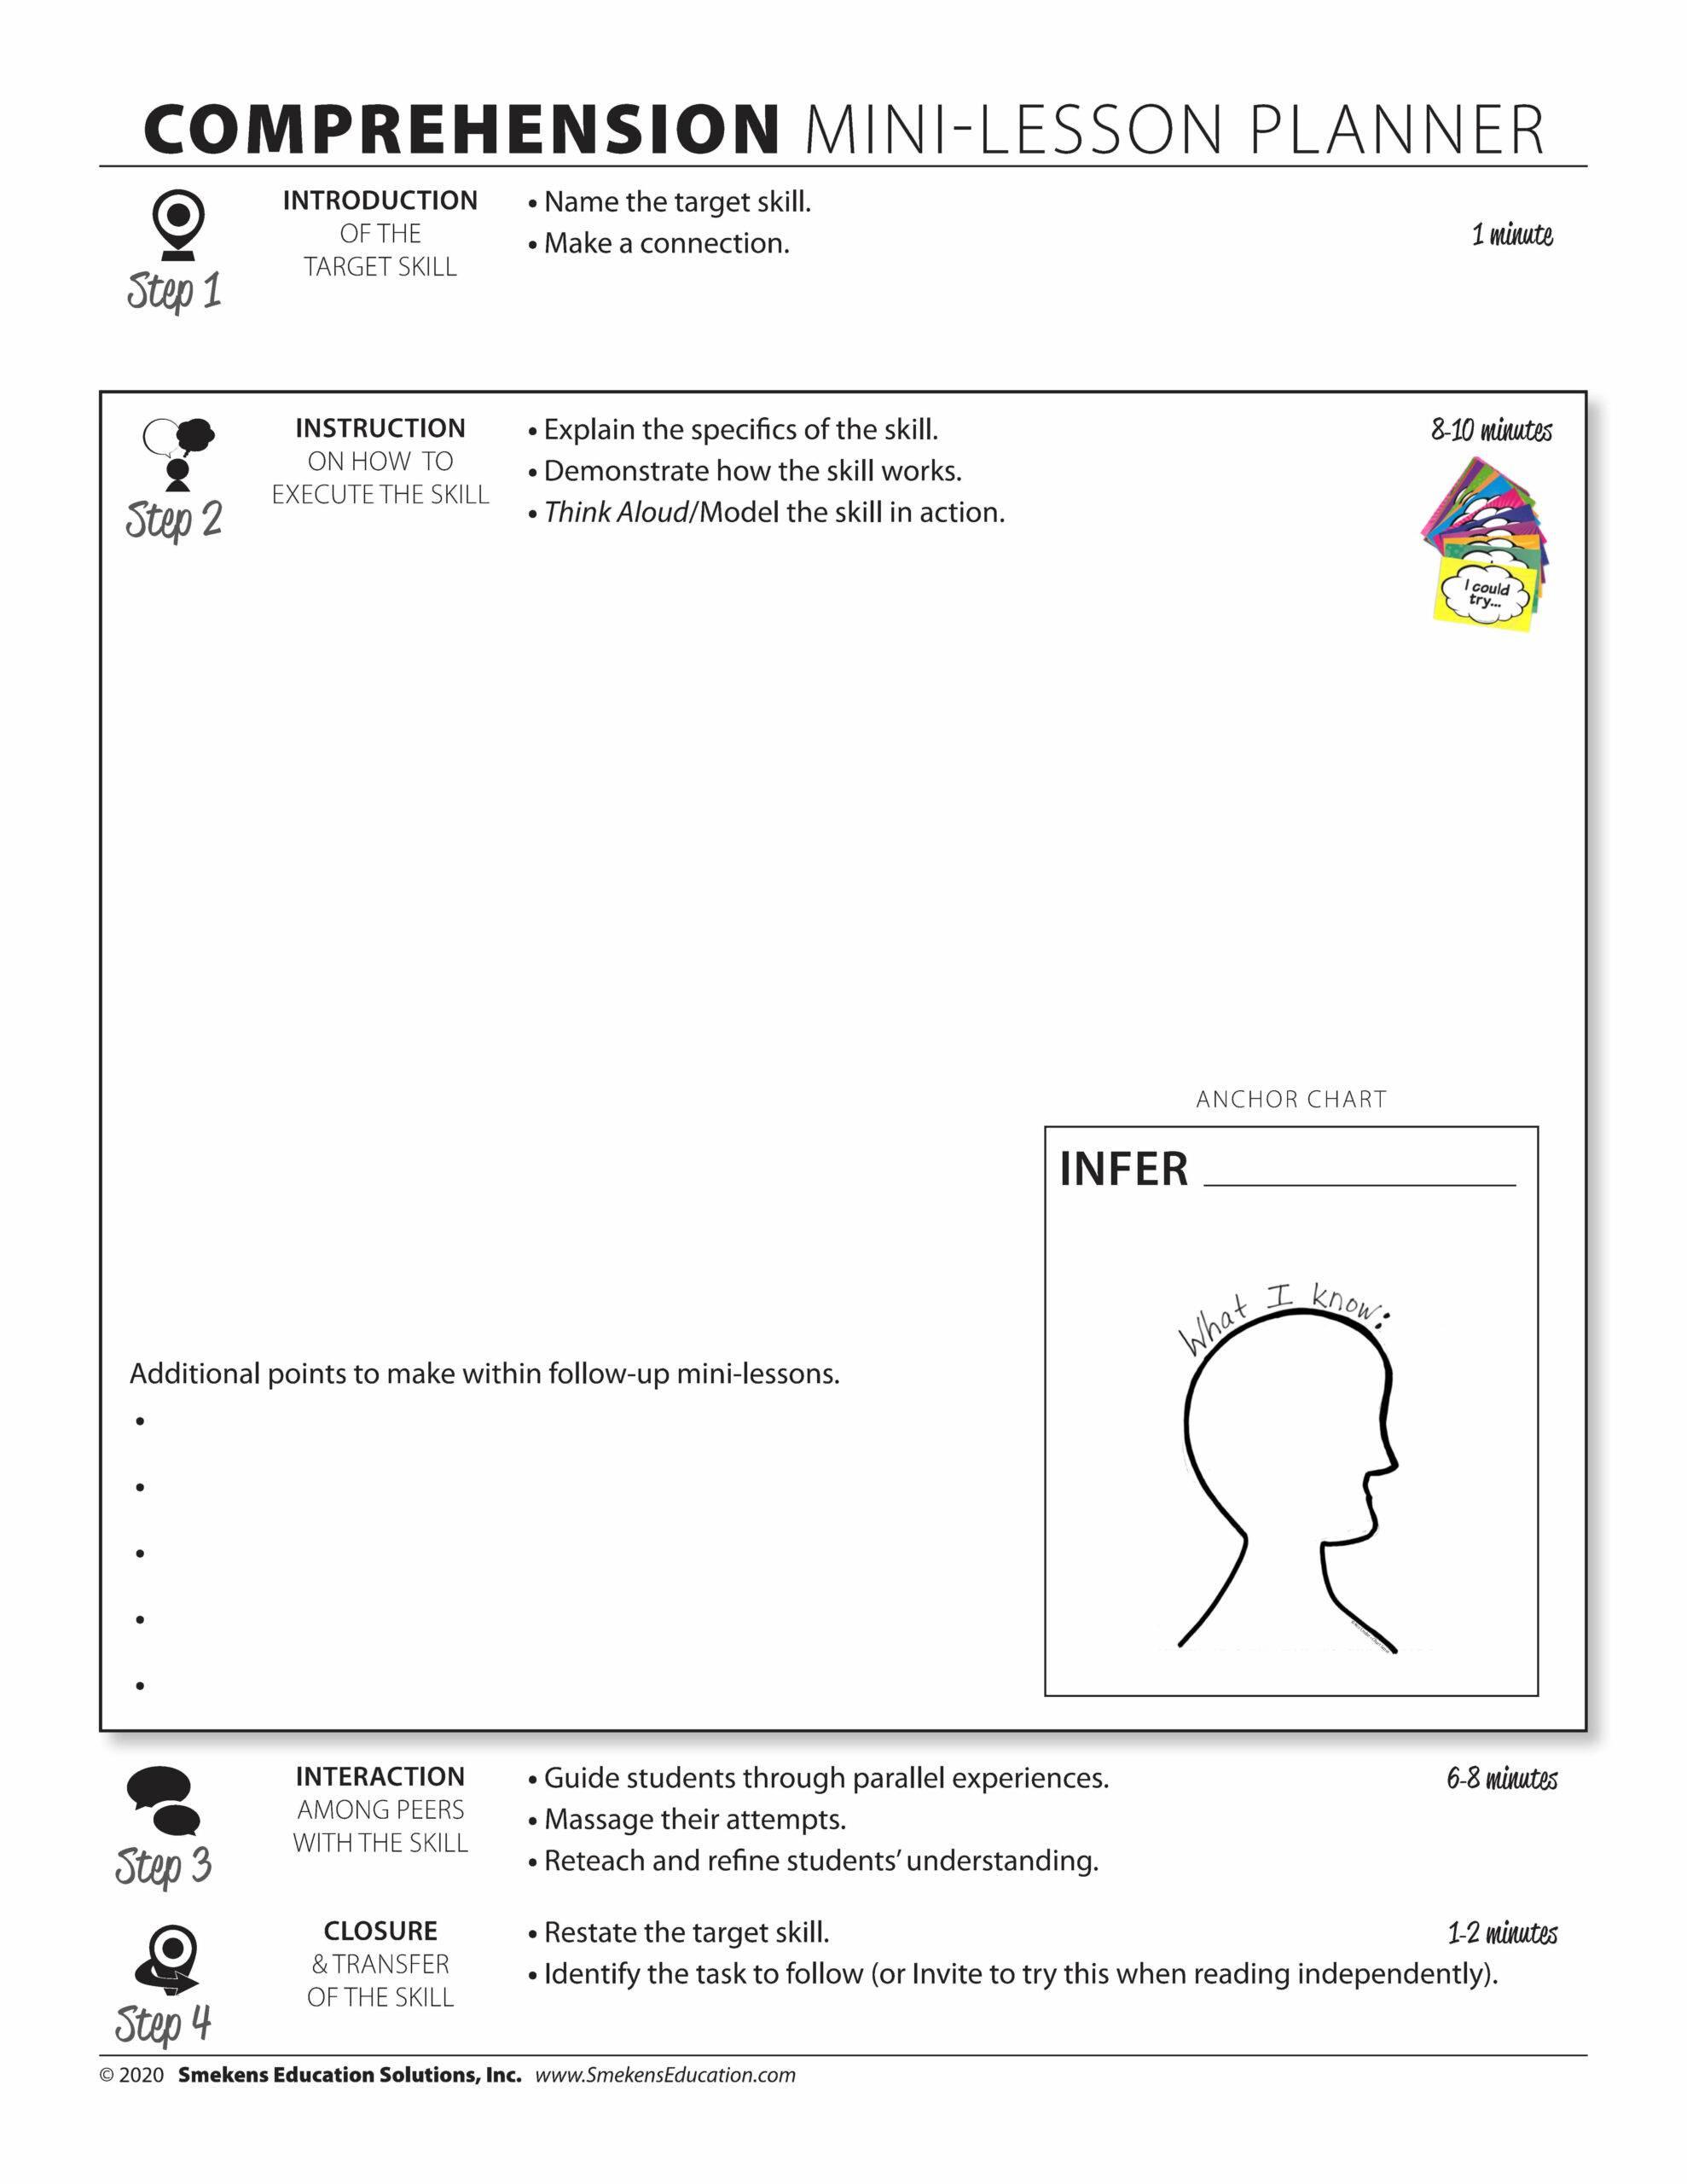 Comprehension Mini-Lesson Planner